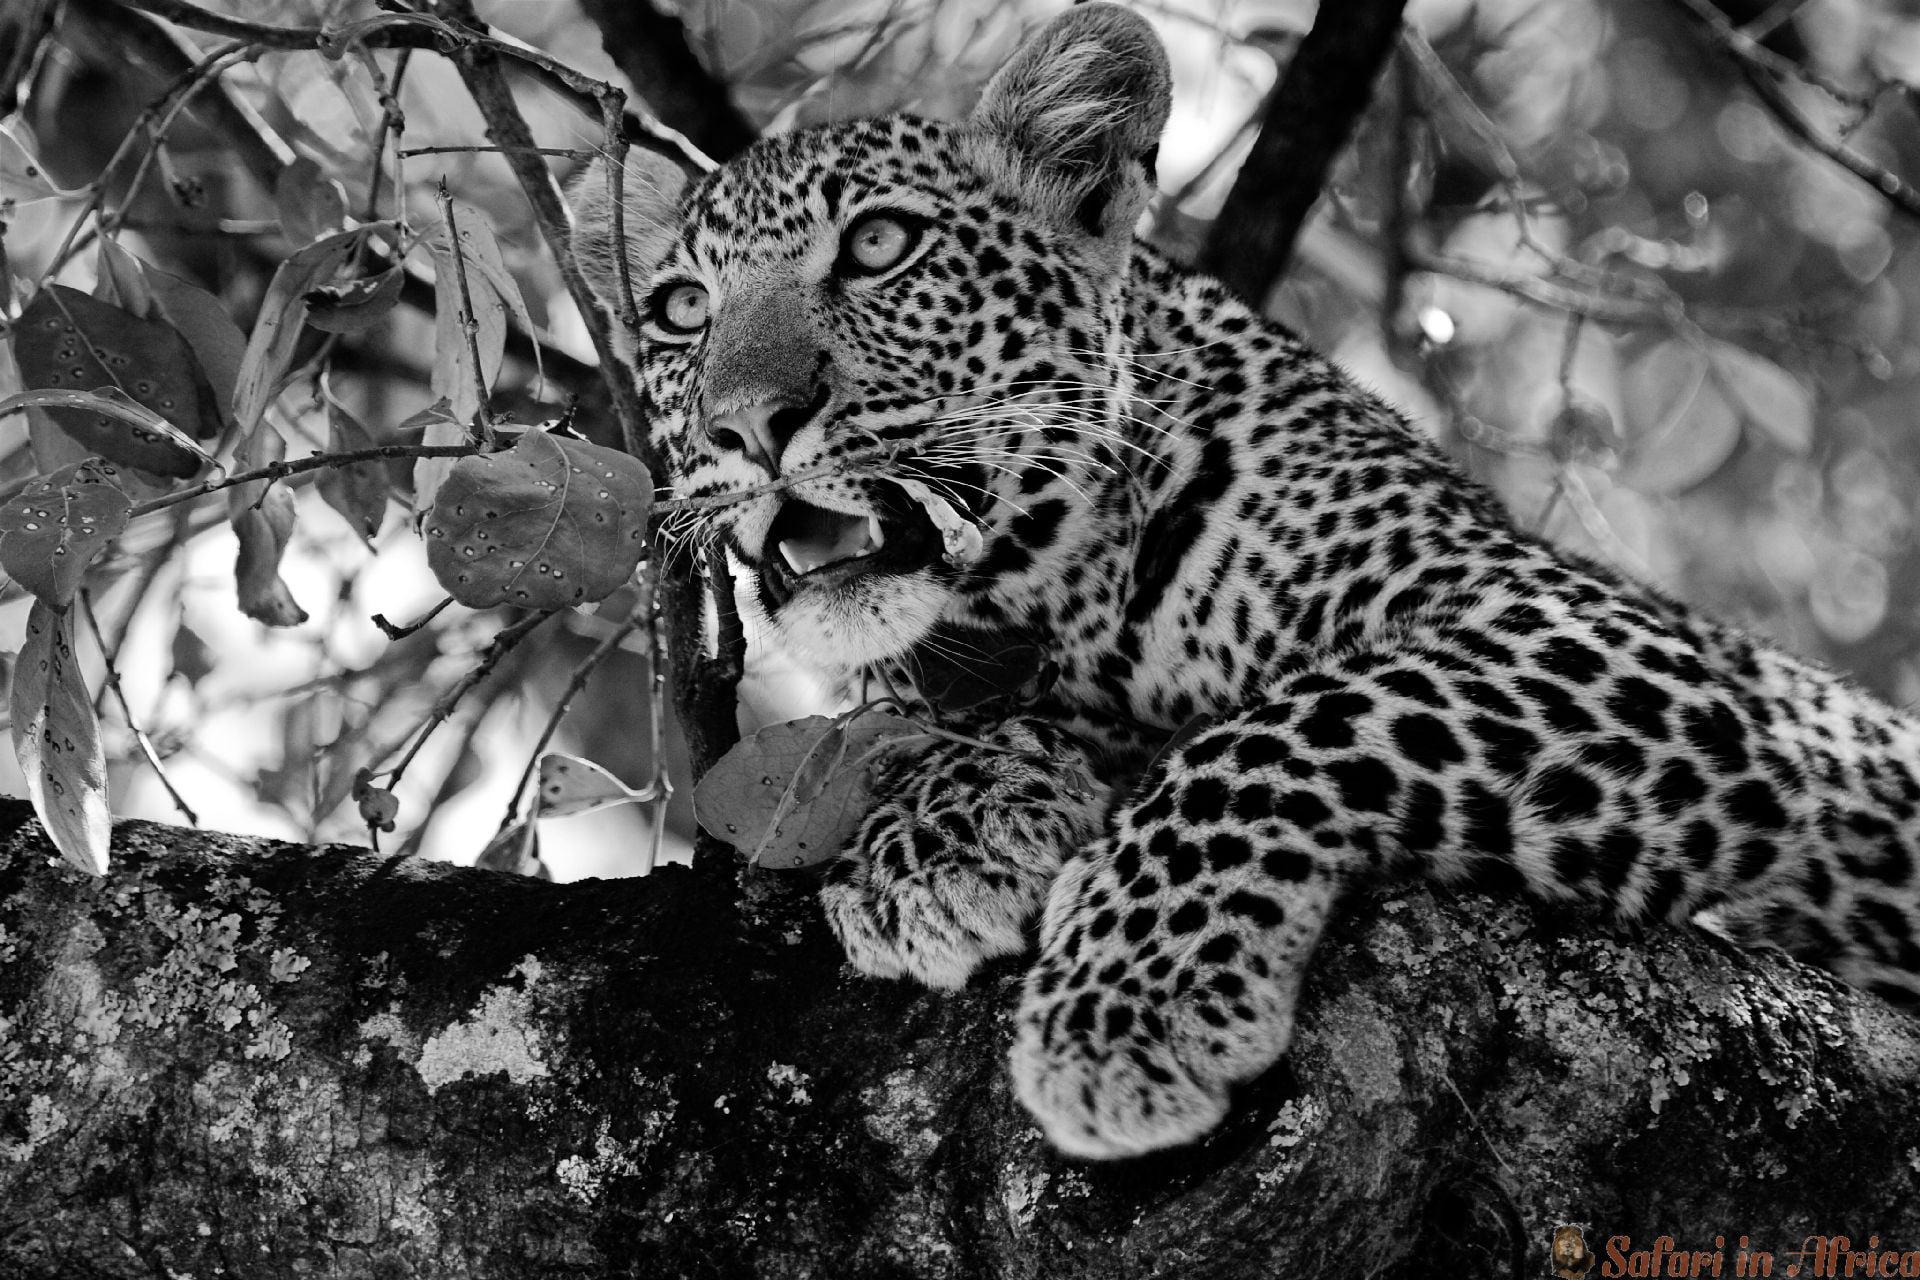 Leopard, Serengeti NP, Tanzania B&W